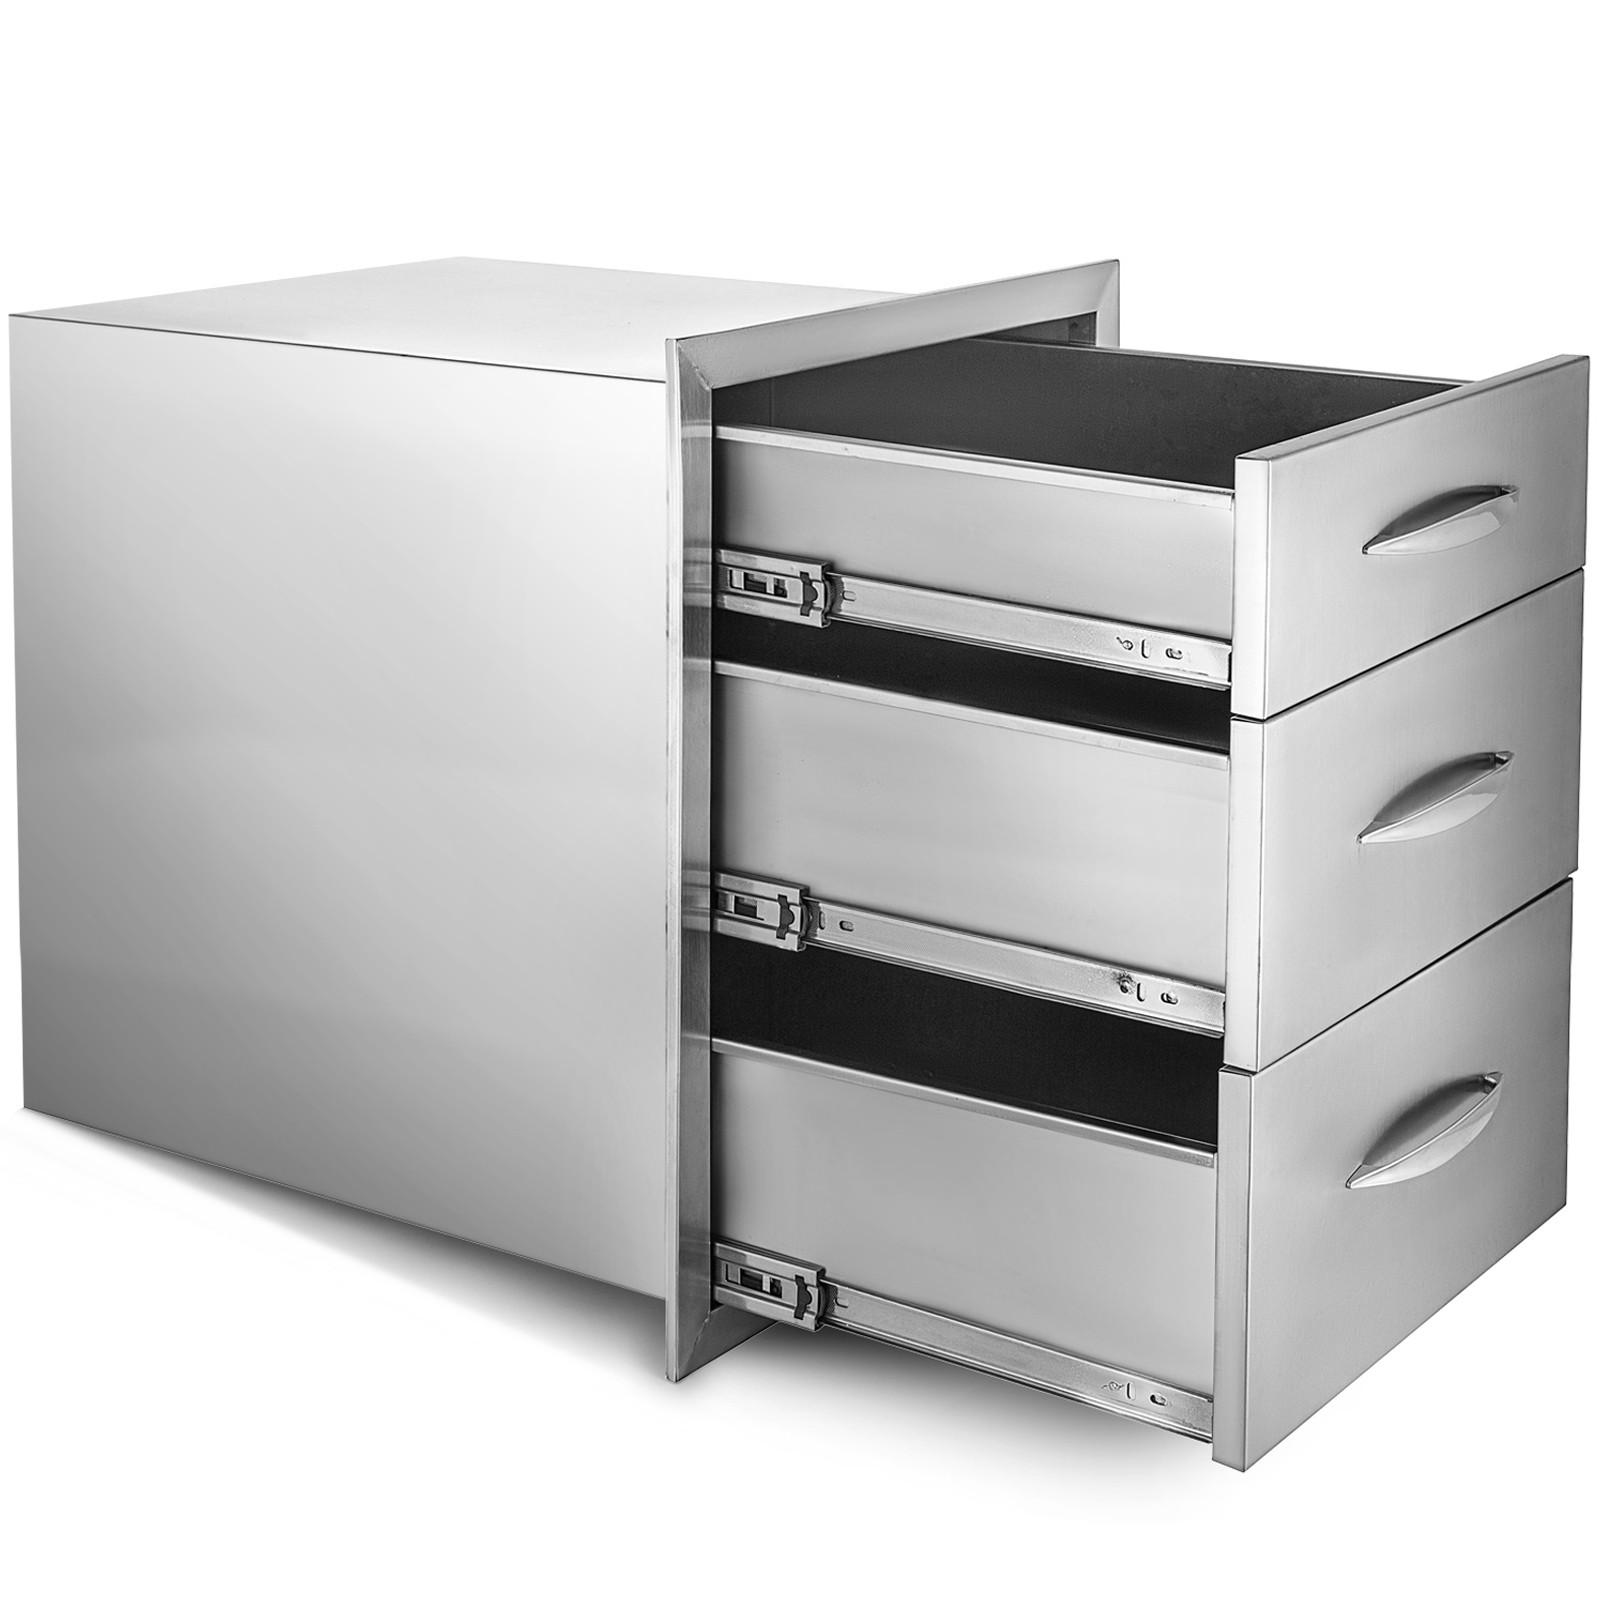 BBQ Doppelschubladen 61X46cm Edelstahl Küchenschrank Kommode mit 2 Schubladen